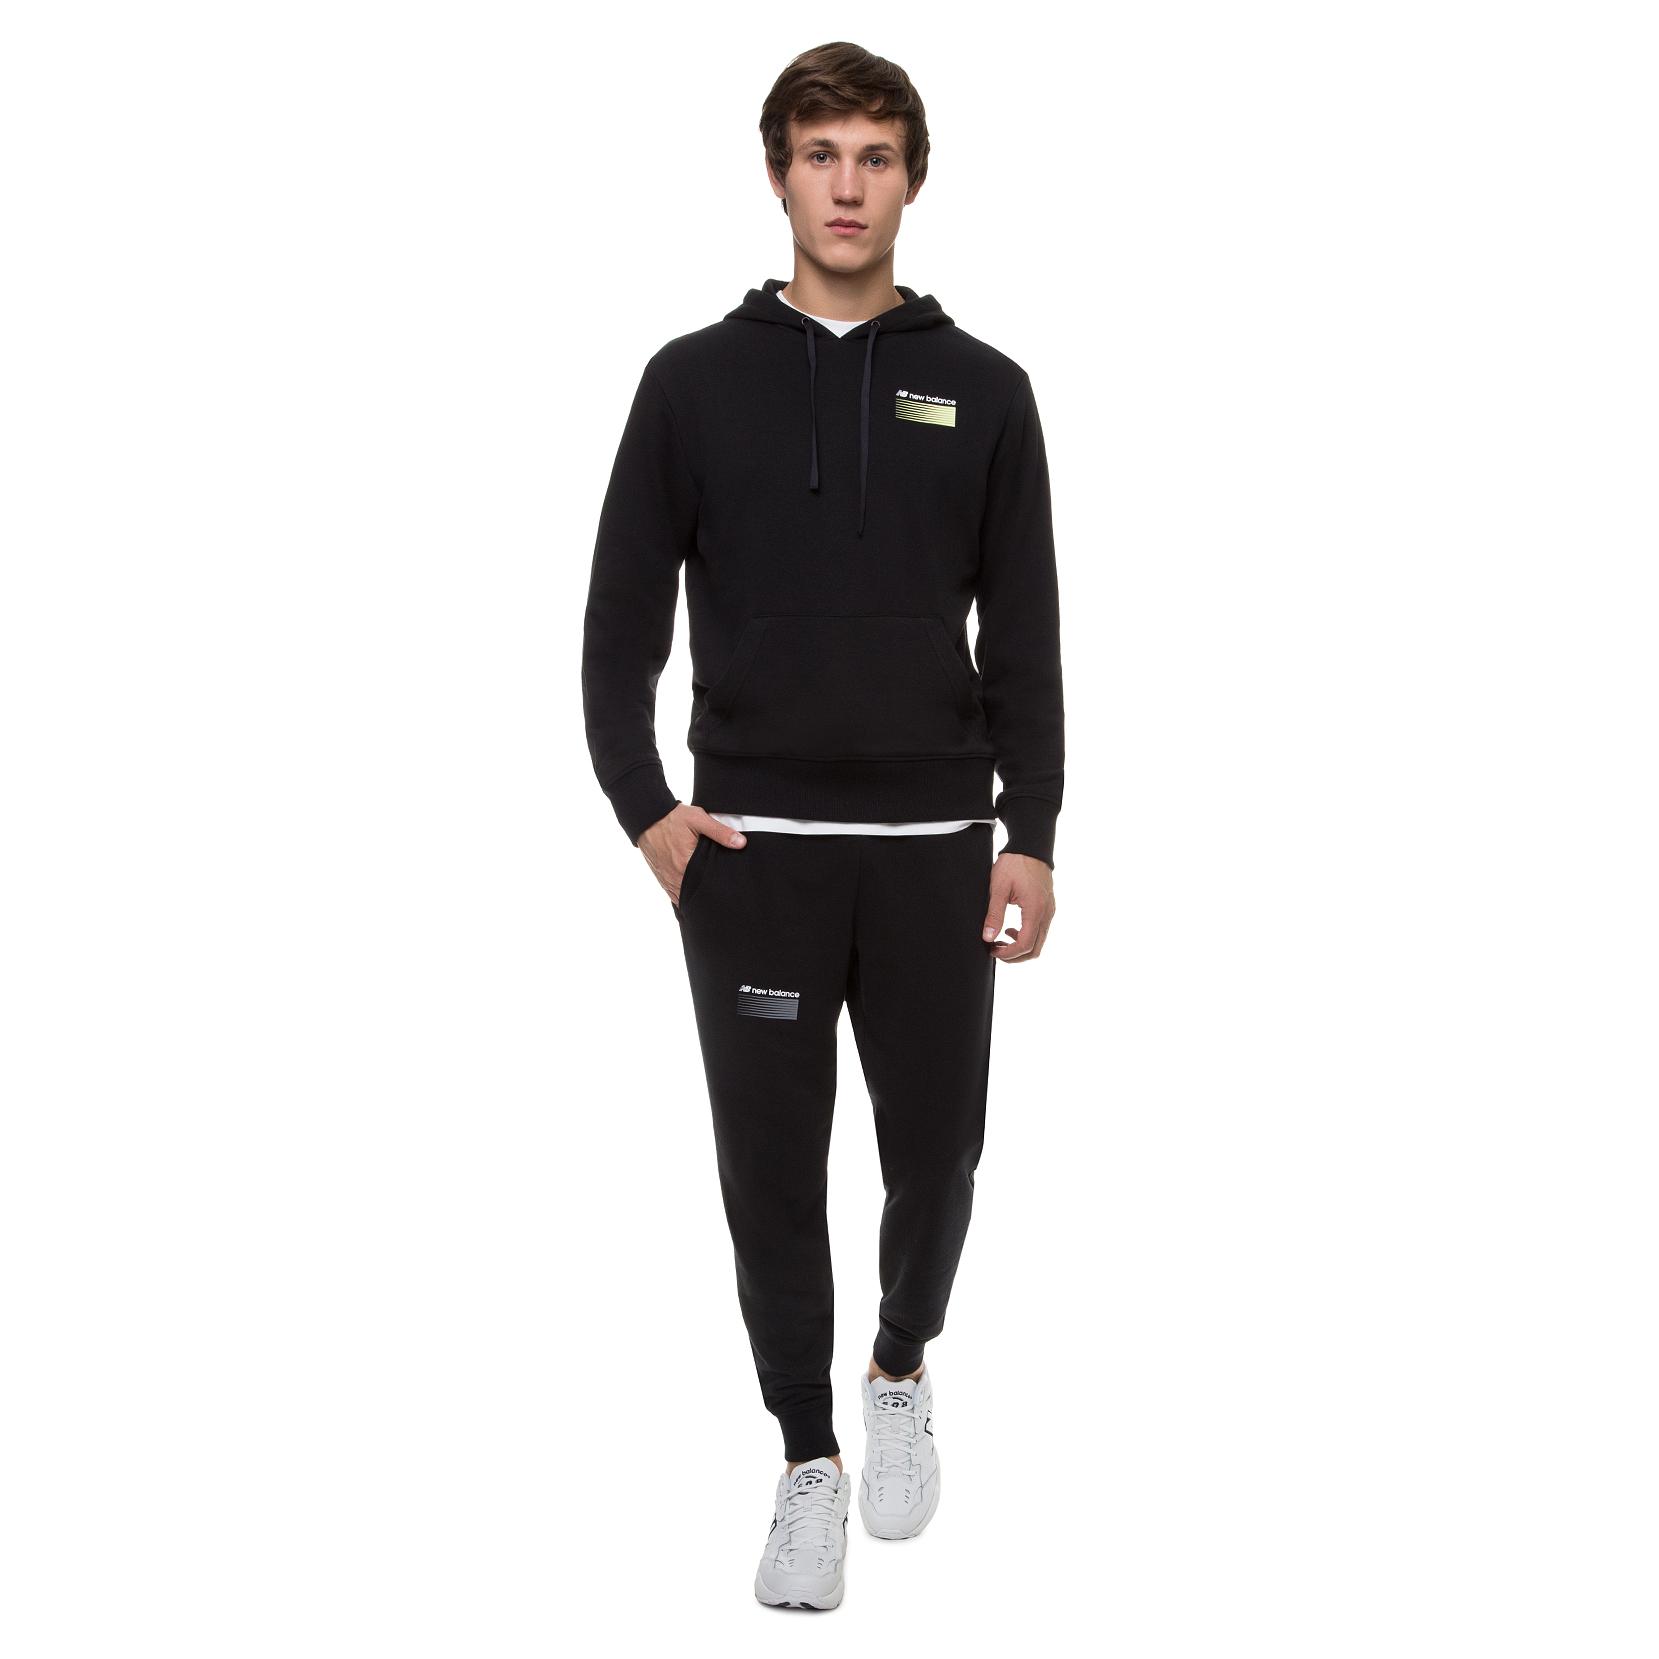 Спортивні брюки Sport Style Opticks для чоловіків MP01513BK | New Balance